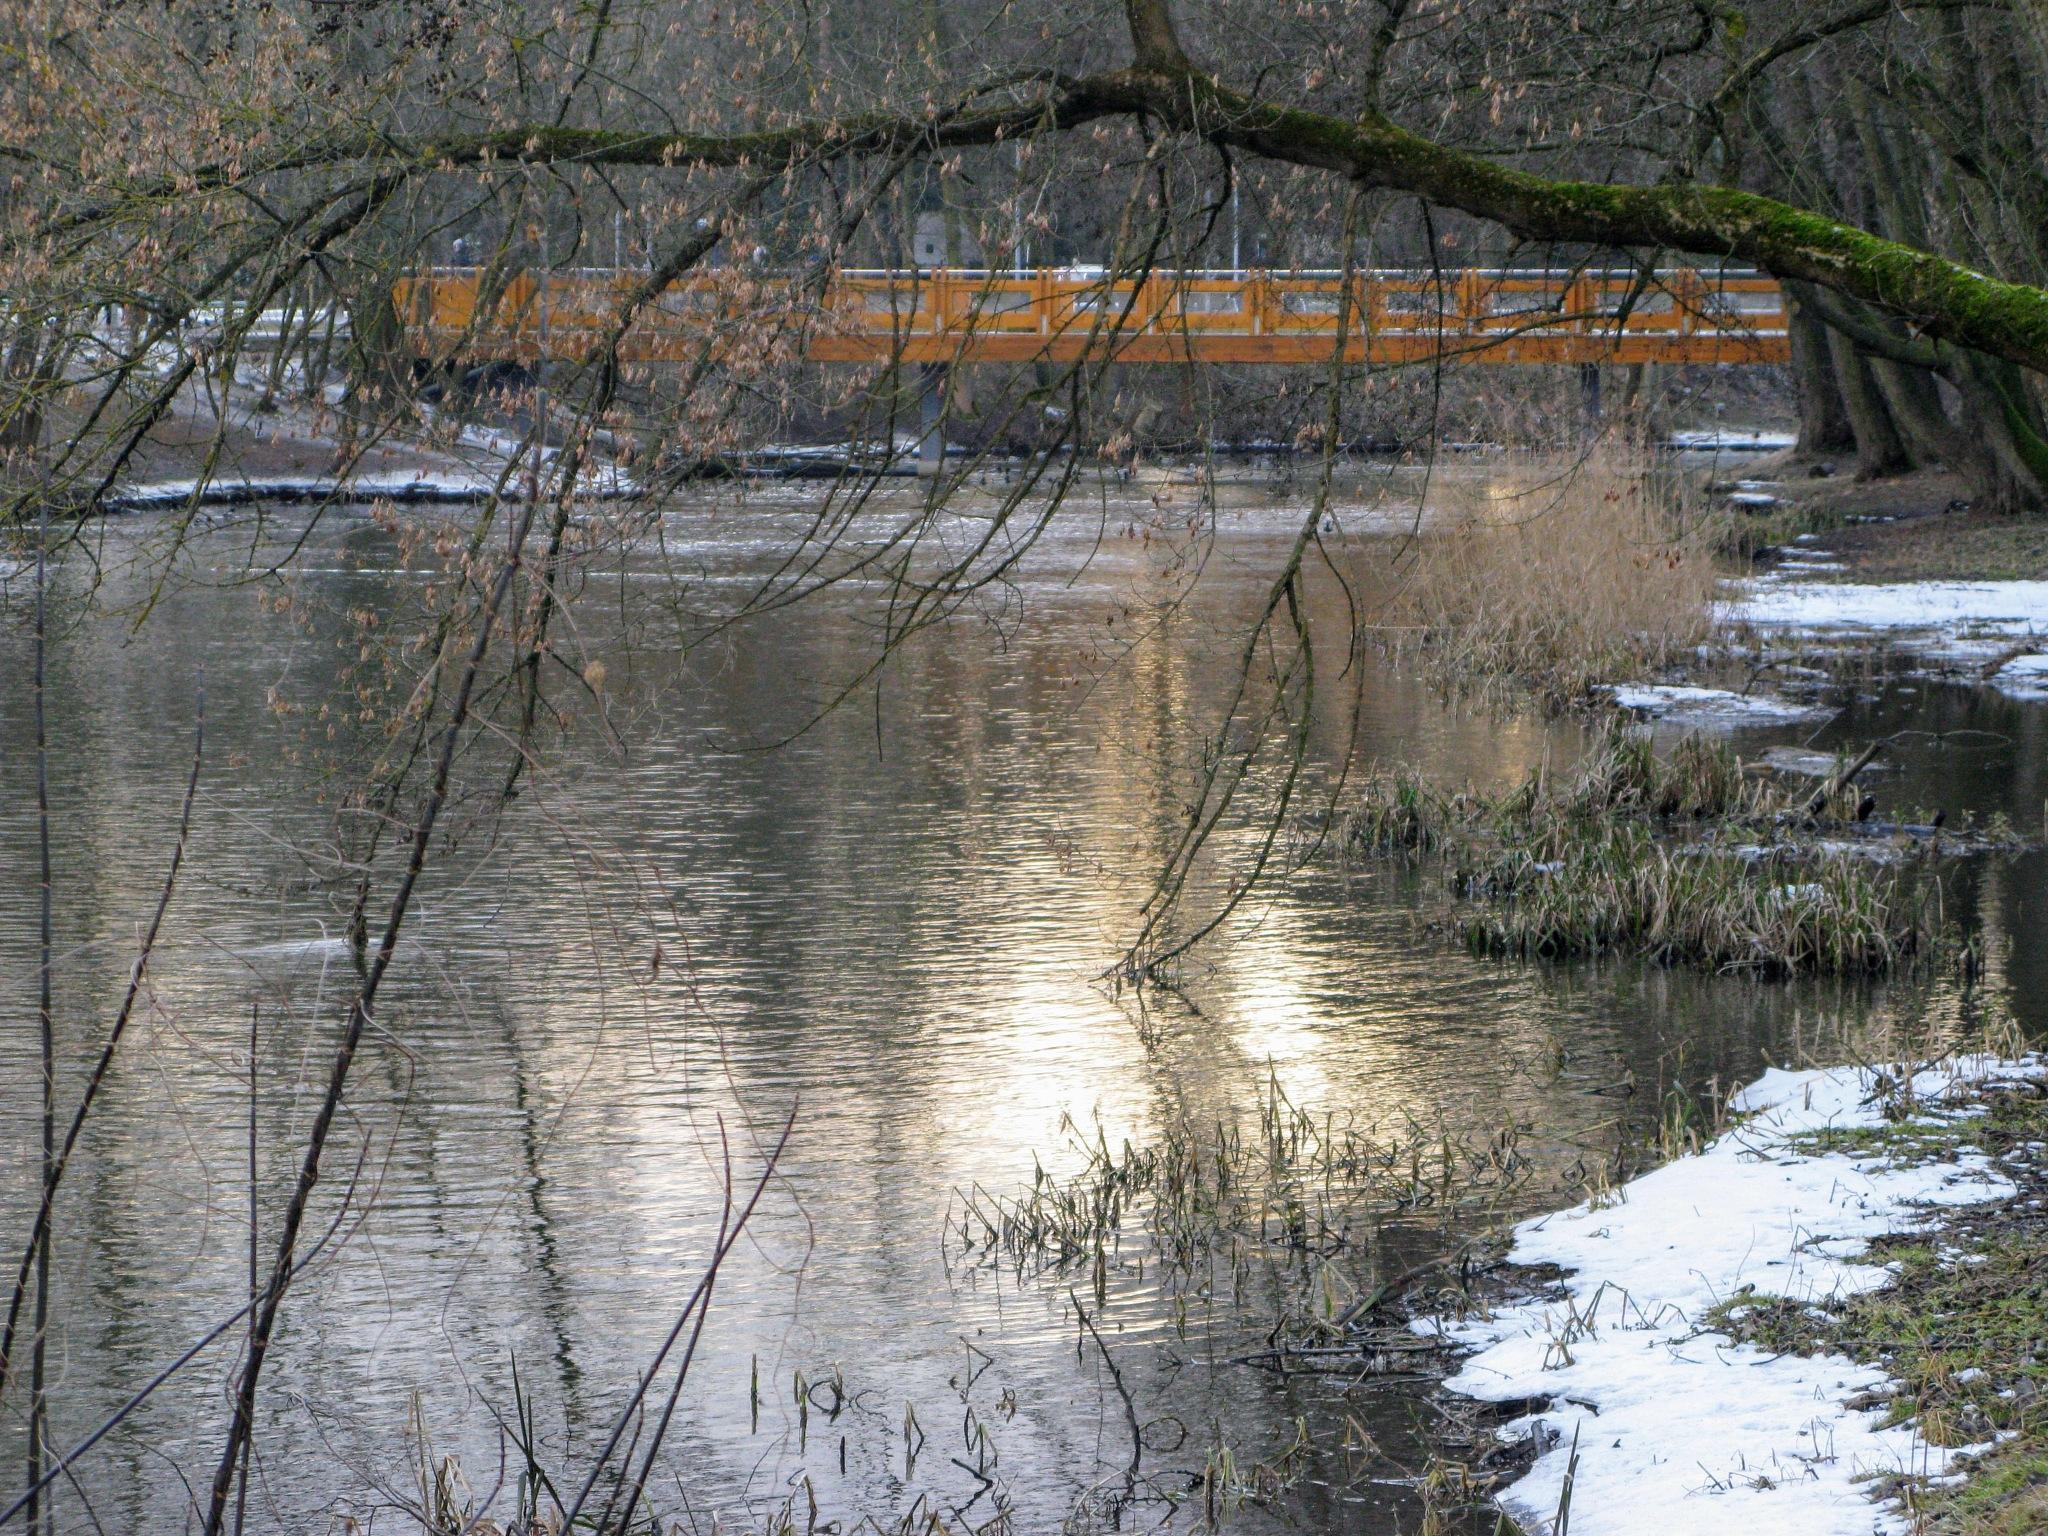 Bridge behind branches by Ela Gajowska